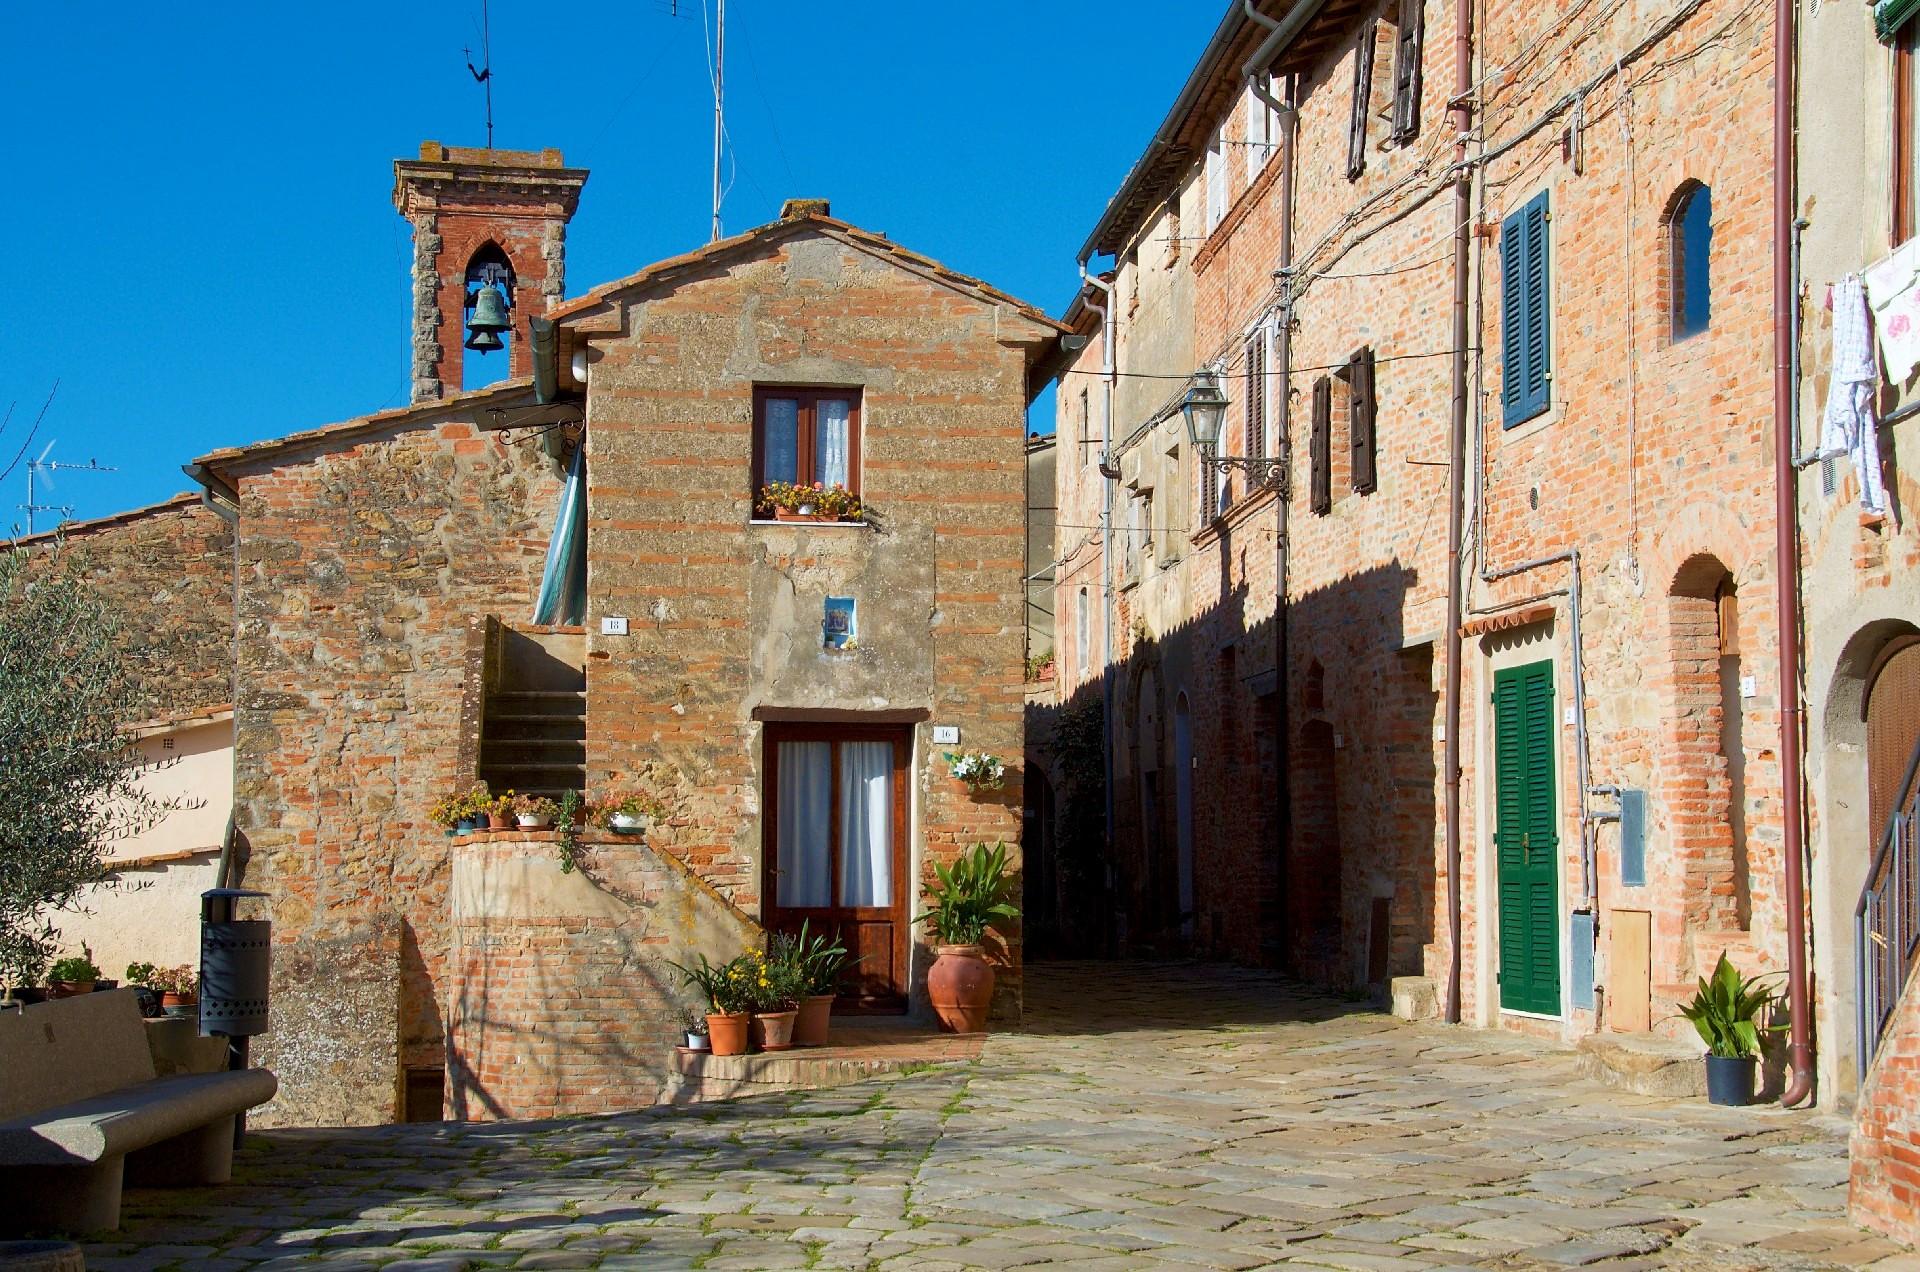 Montecchio02